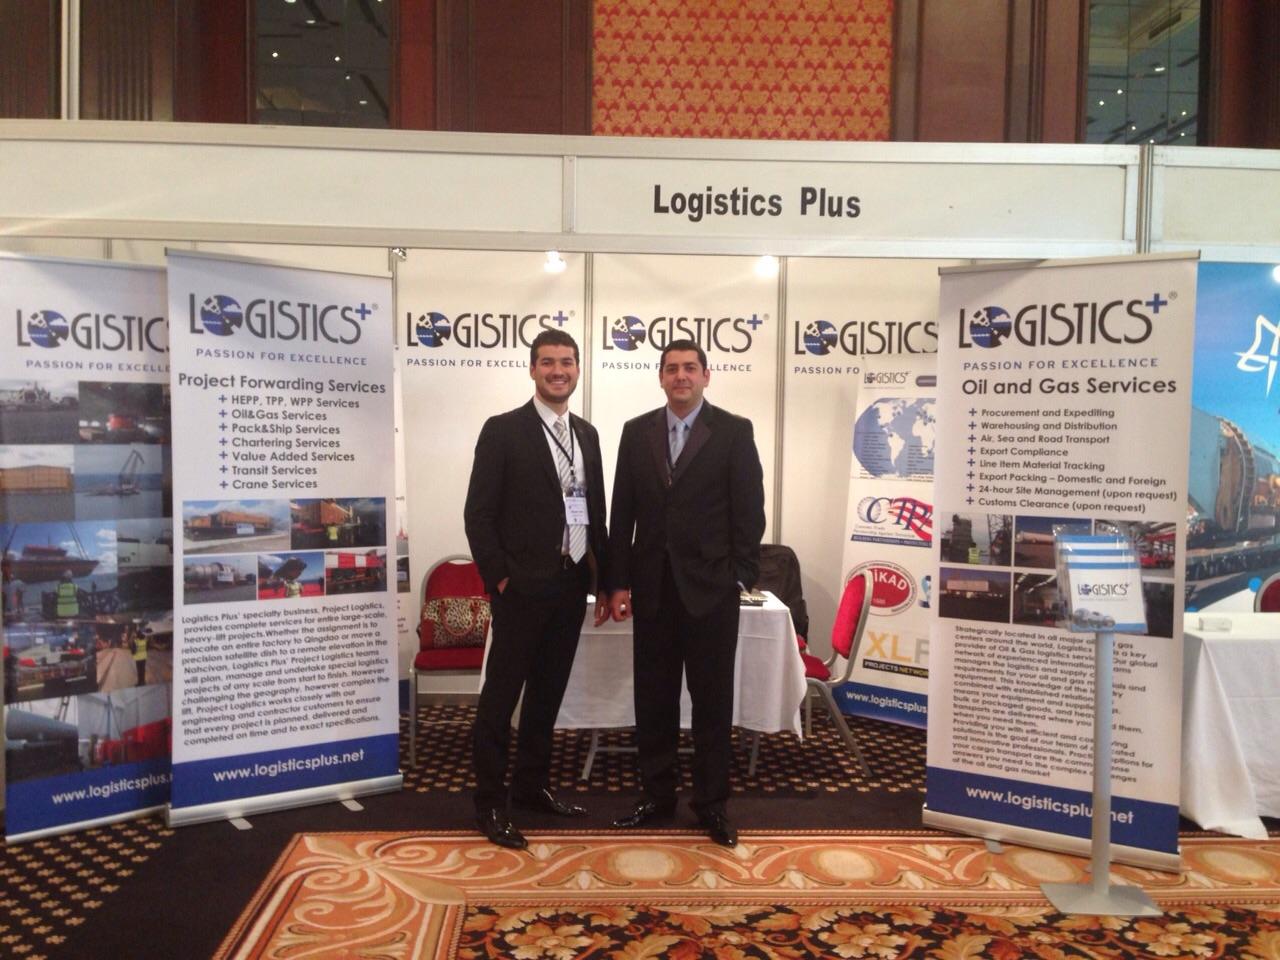 Logistics Plus Turkey Attends Nuclear Power Summit - Logistics Plus